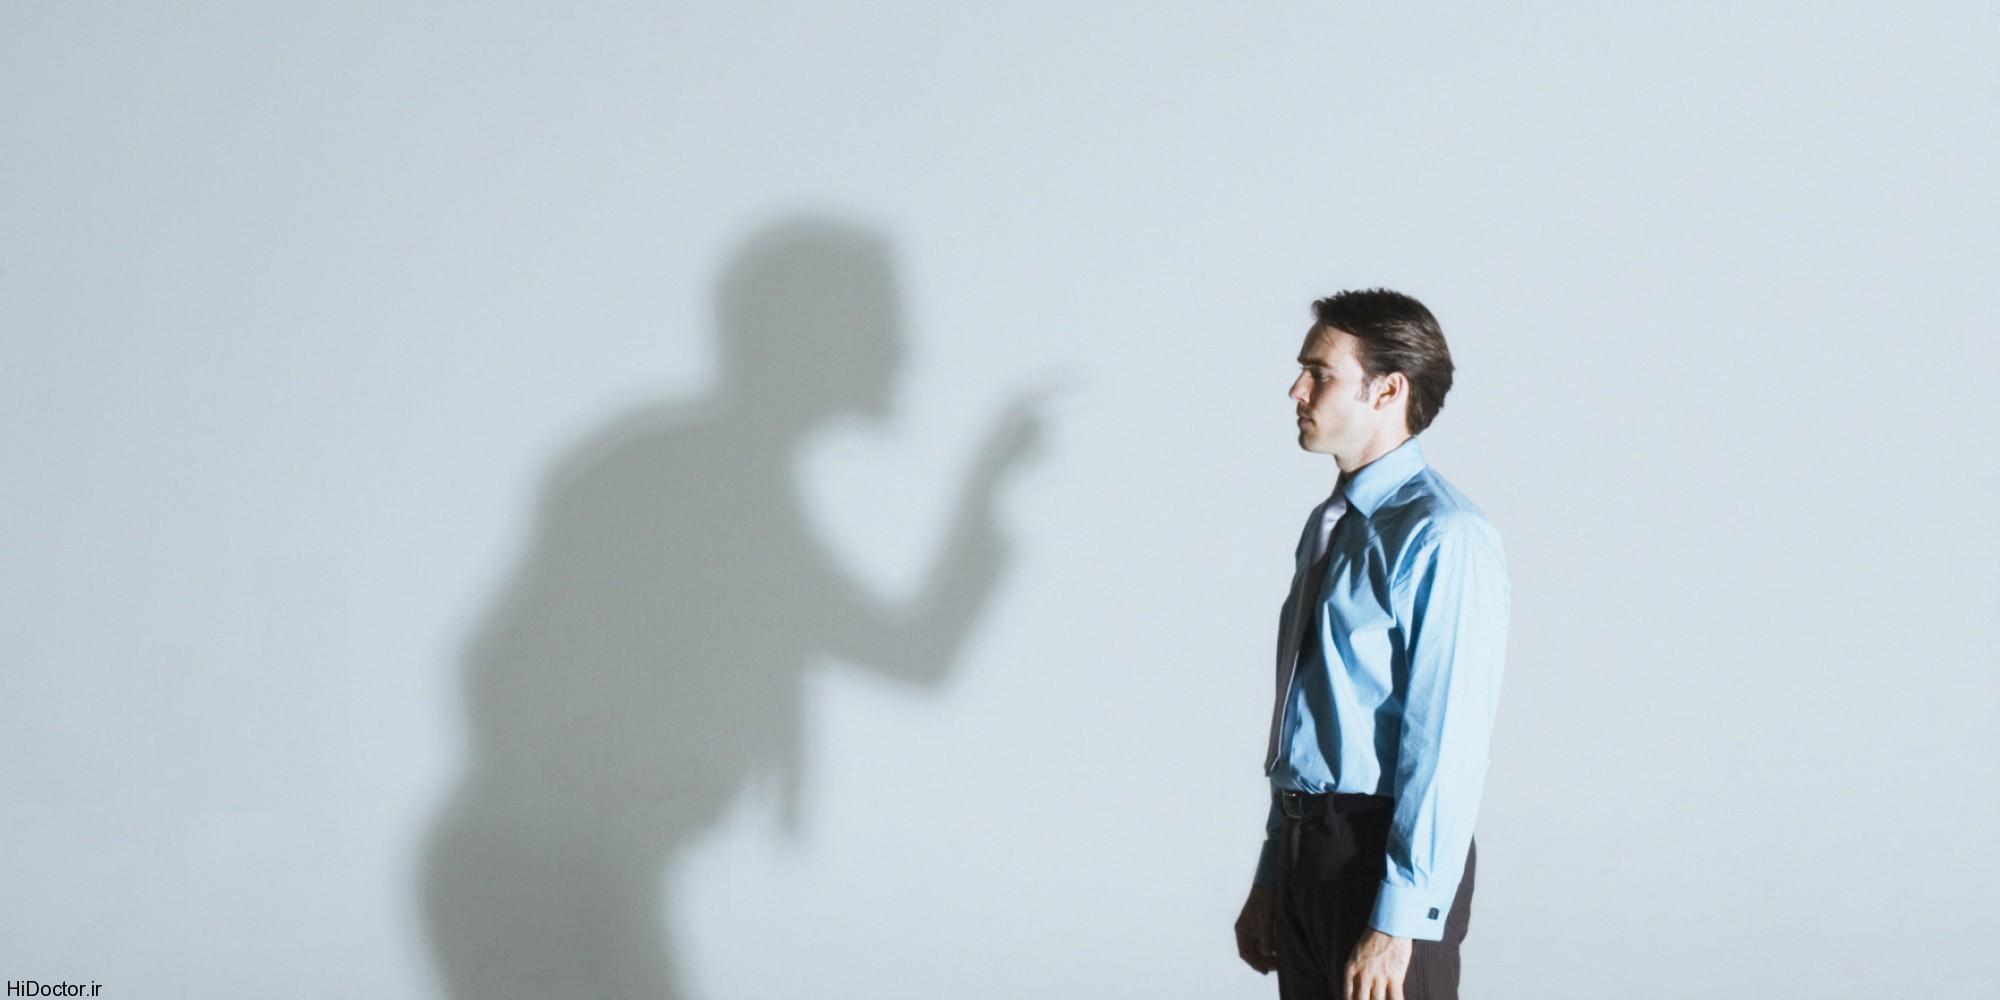 چطور انتقاد پزیر باشیم...؟ راهکارها...!